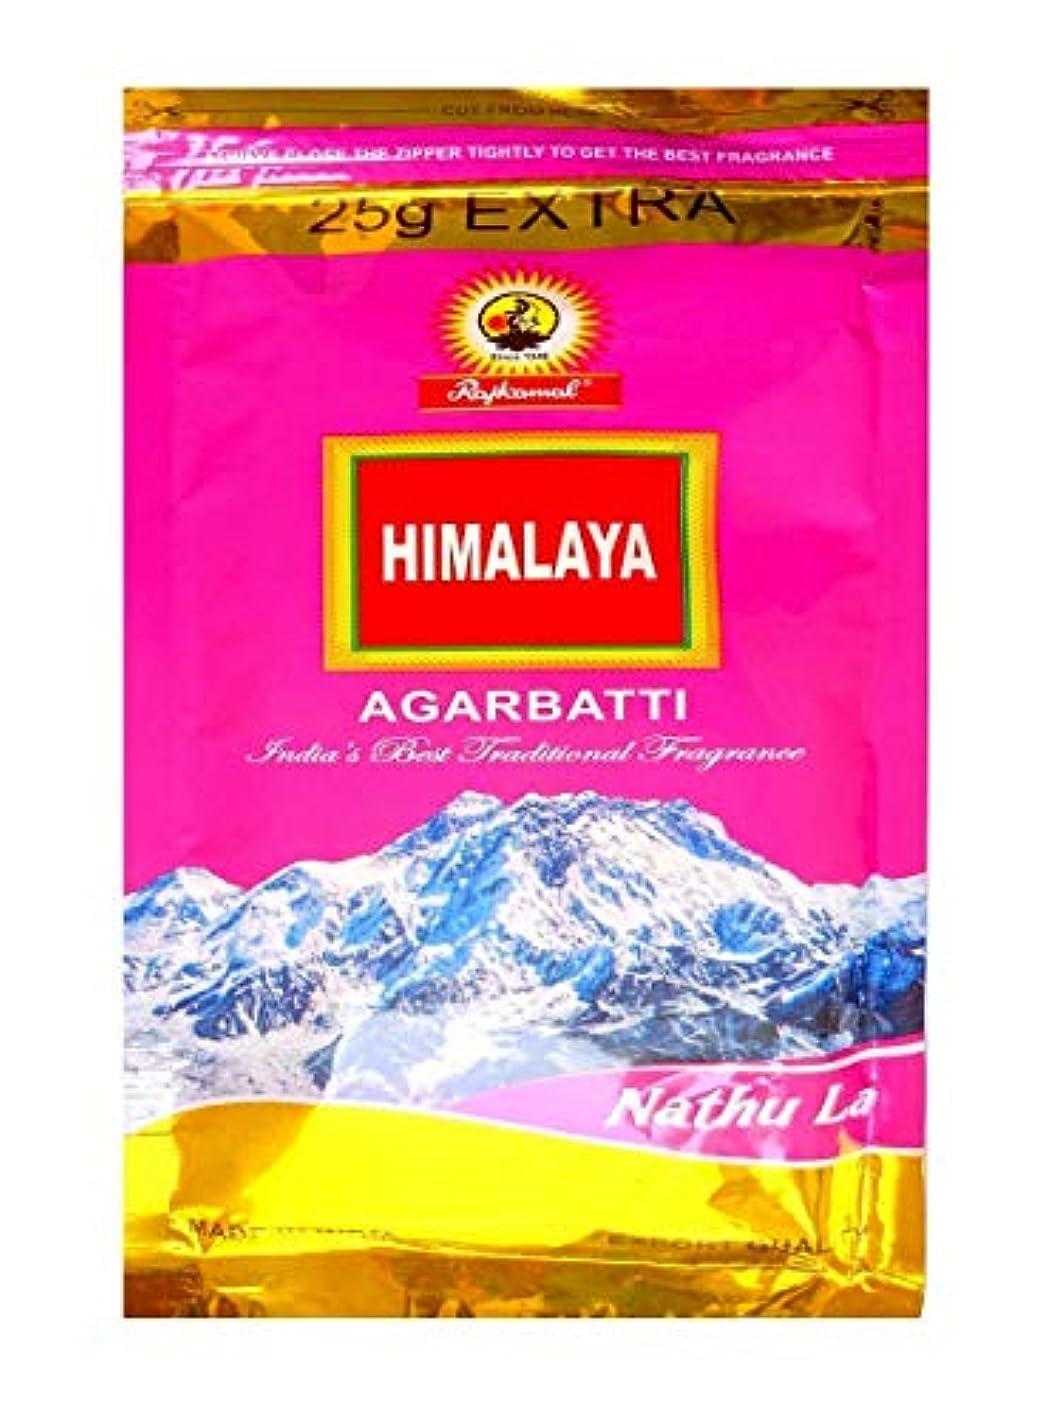 食物悲観的アクセサリーGift Of Forest Himalaya Nathu La Agarbatti Pack of 450 gm